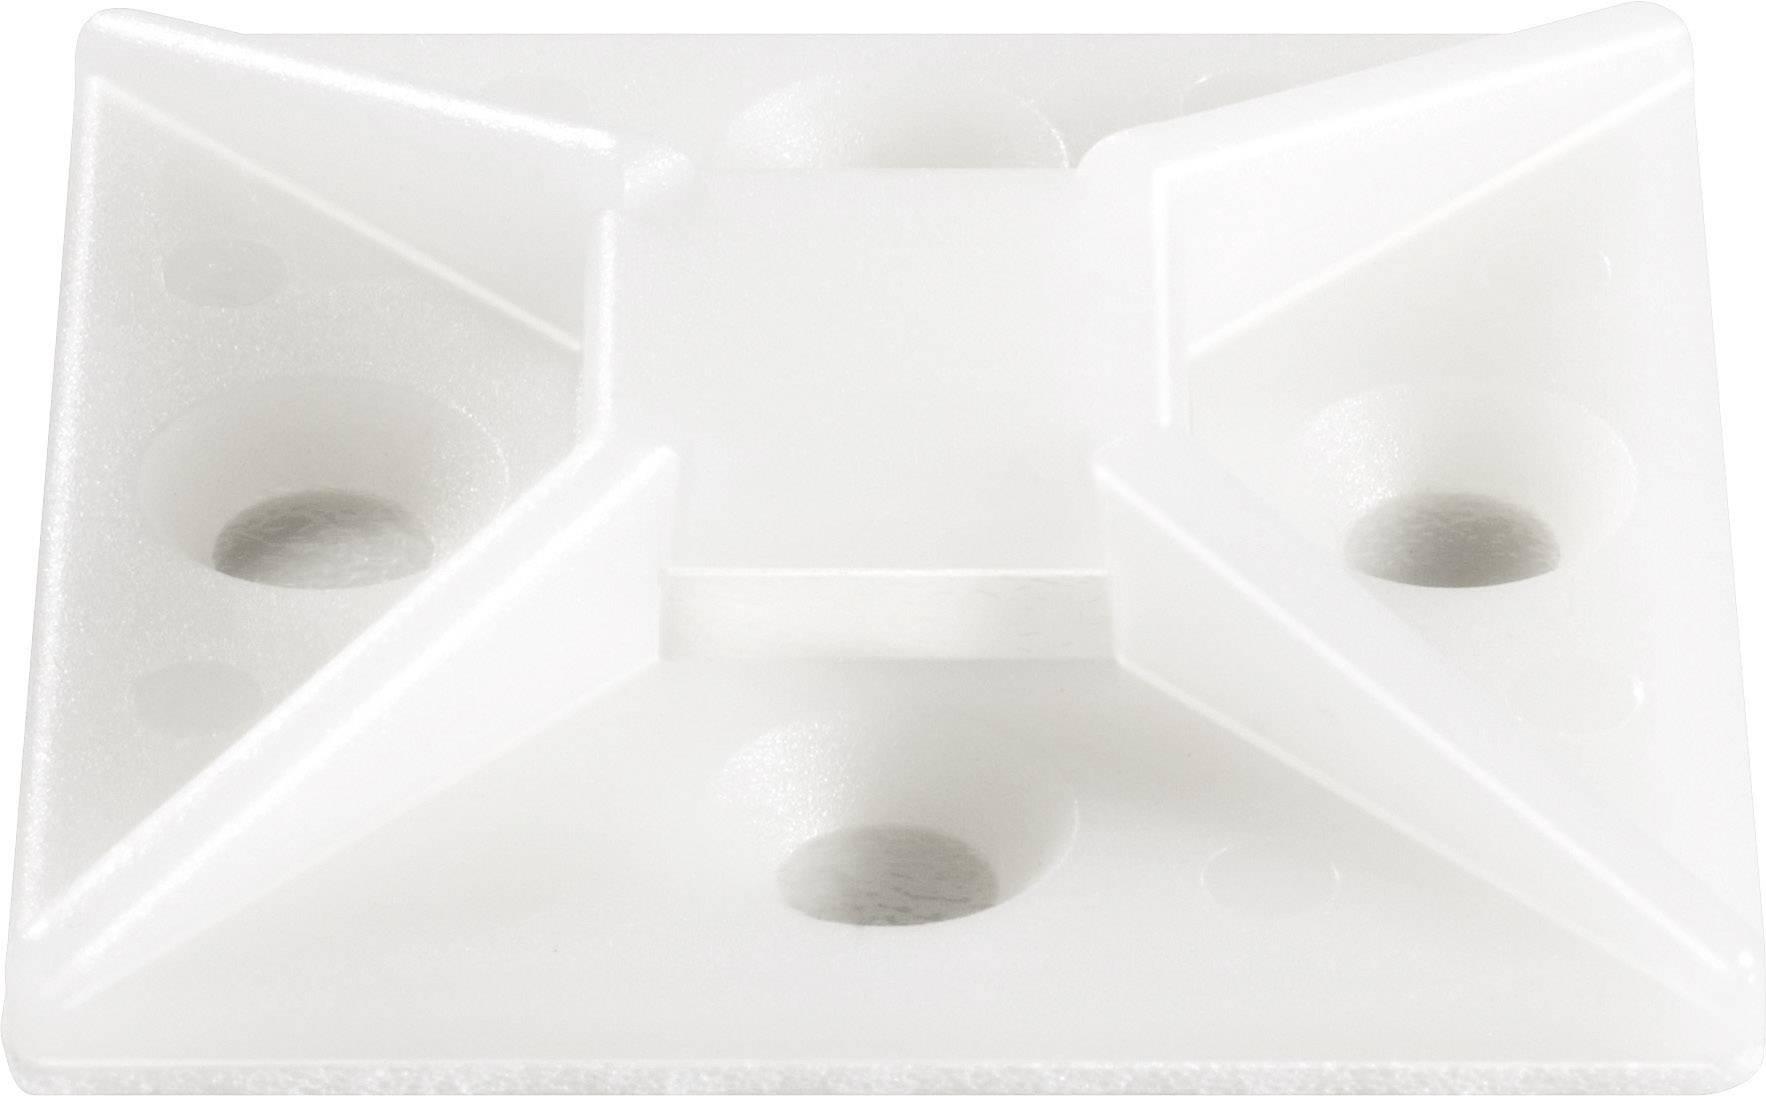 Úchytka KSS HC3838 644660, 13.40 mm (max), priehľadná, 1 ks